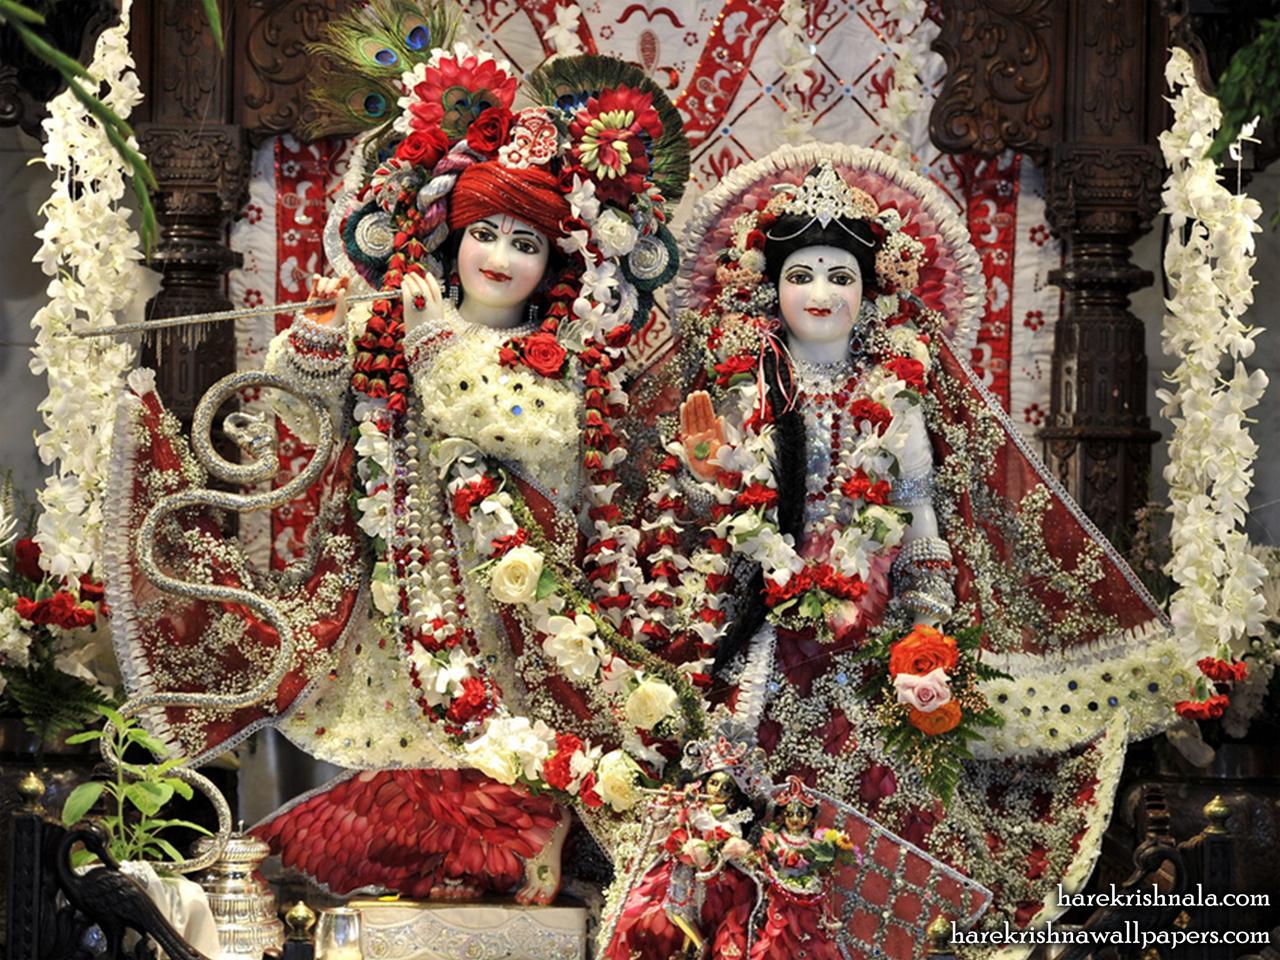 Sri Sri Rukmini Dwarkadhish Wallpaper (010) Size 1280x960 Download